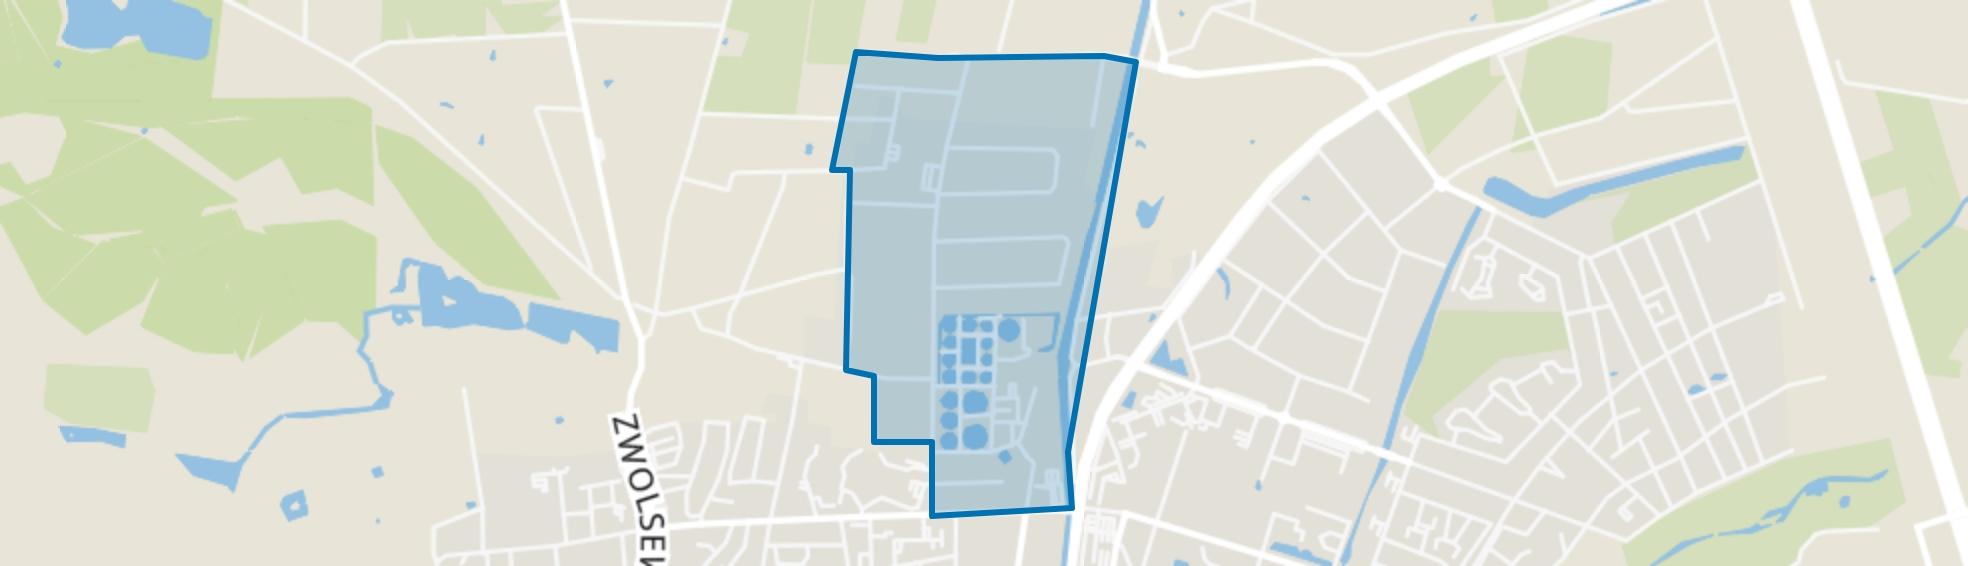 Stadhoudersmolen, Apeldoorn map